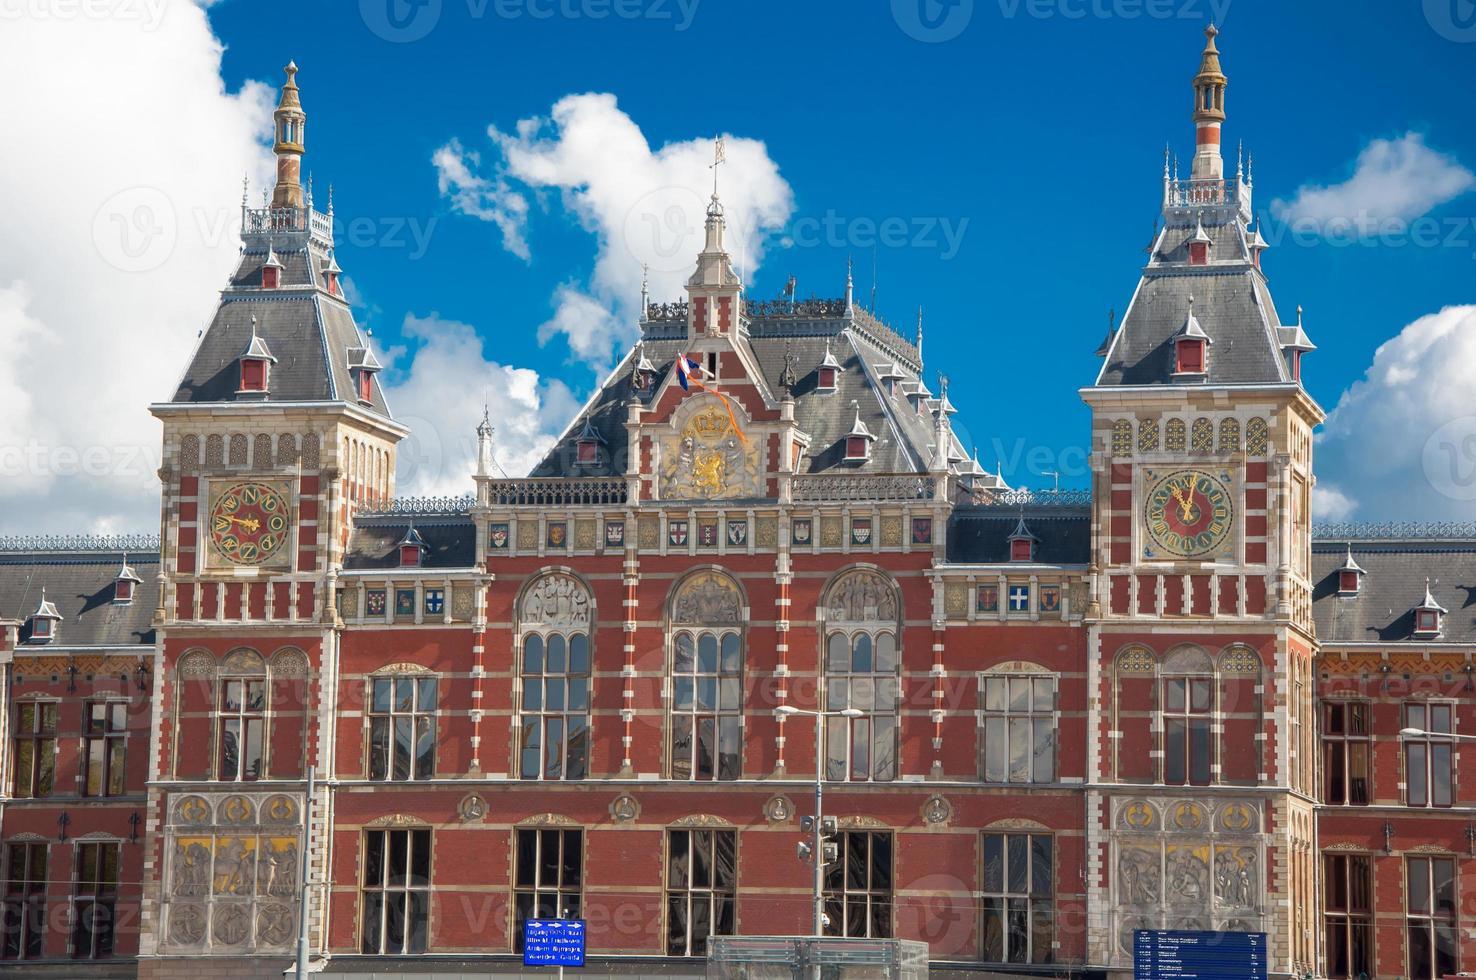 facciata della stazione centrale di Amsterdam in una giornata di sole, Paesi Bassi. foto